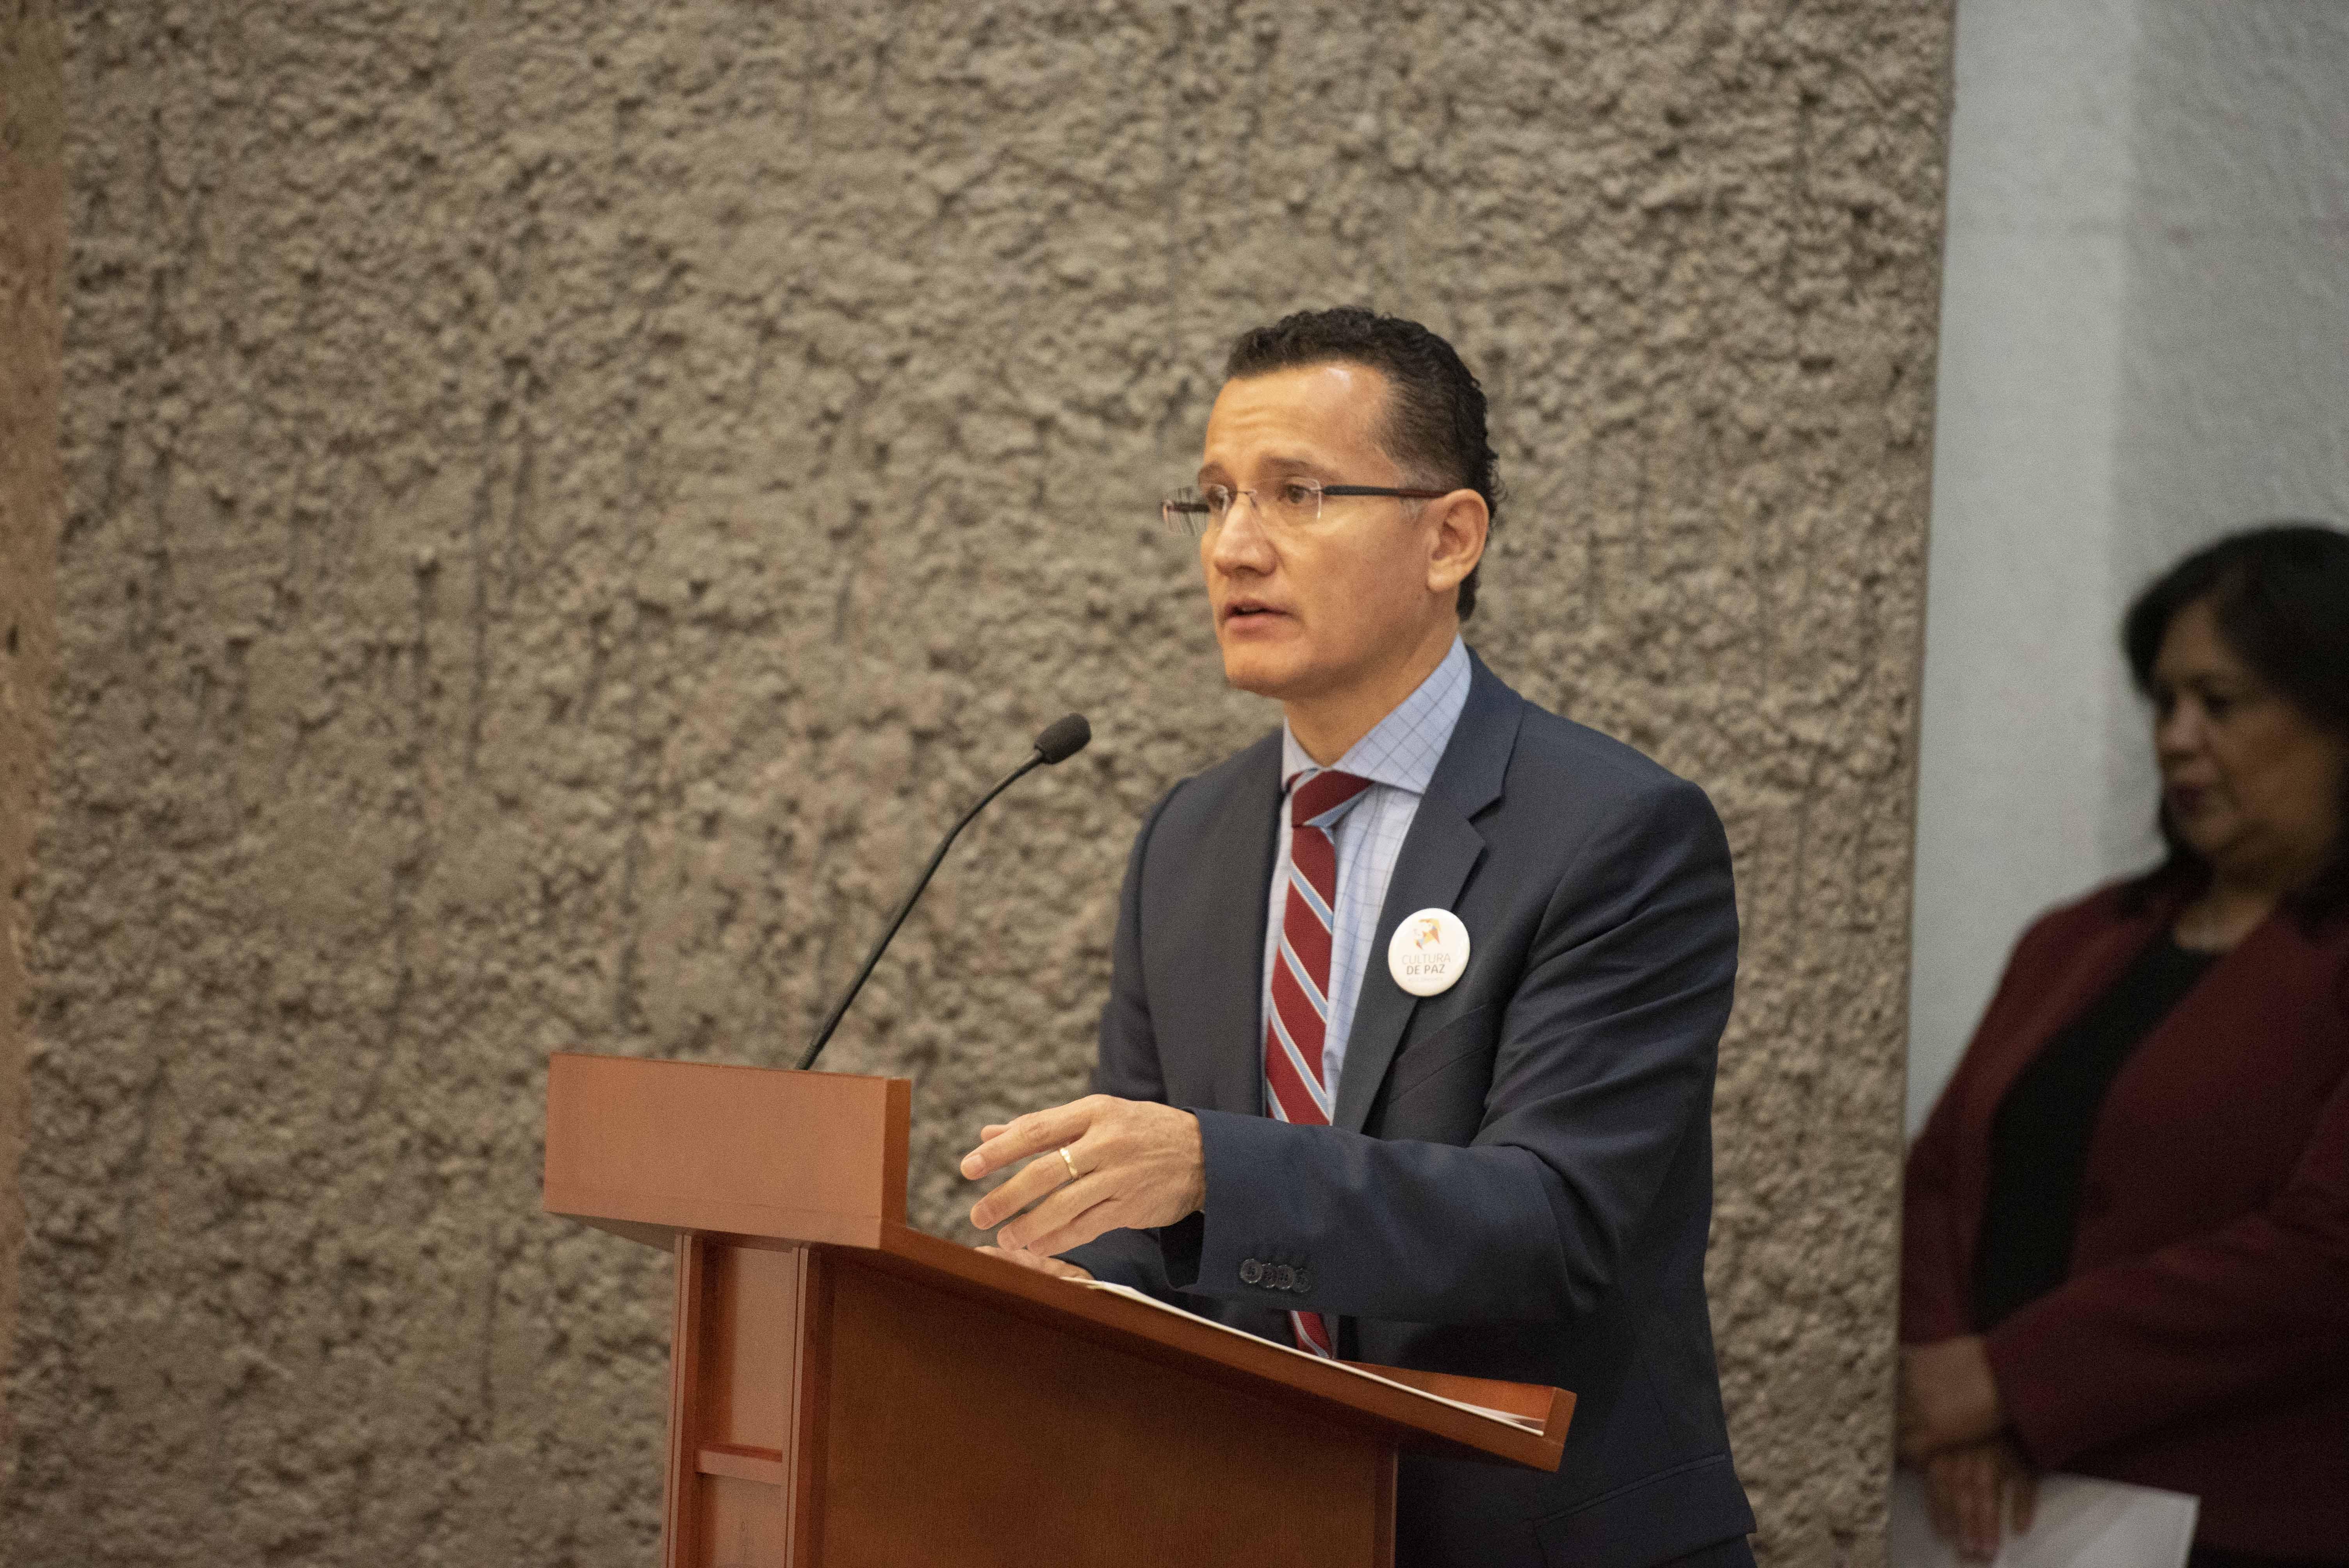 Director División Disciplinas Básicas ofreciendo mensaje en el pódium